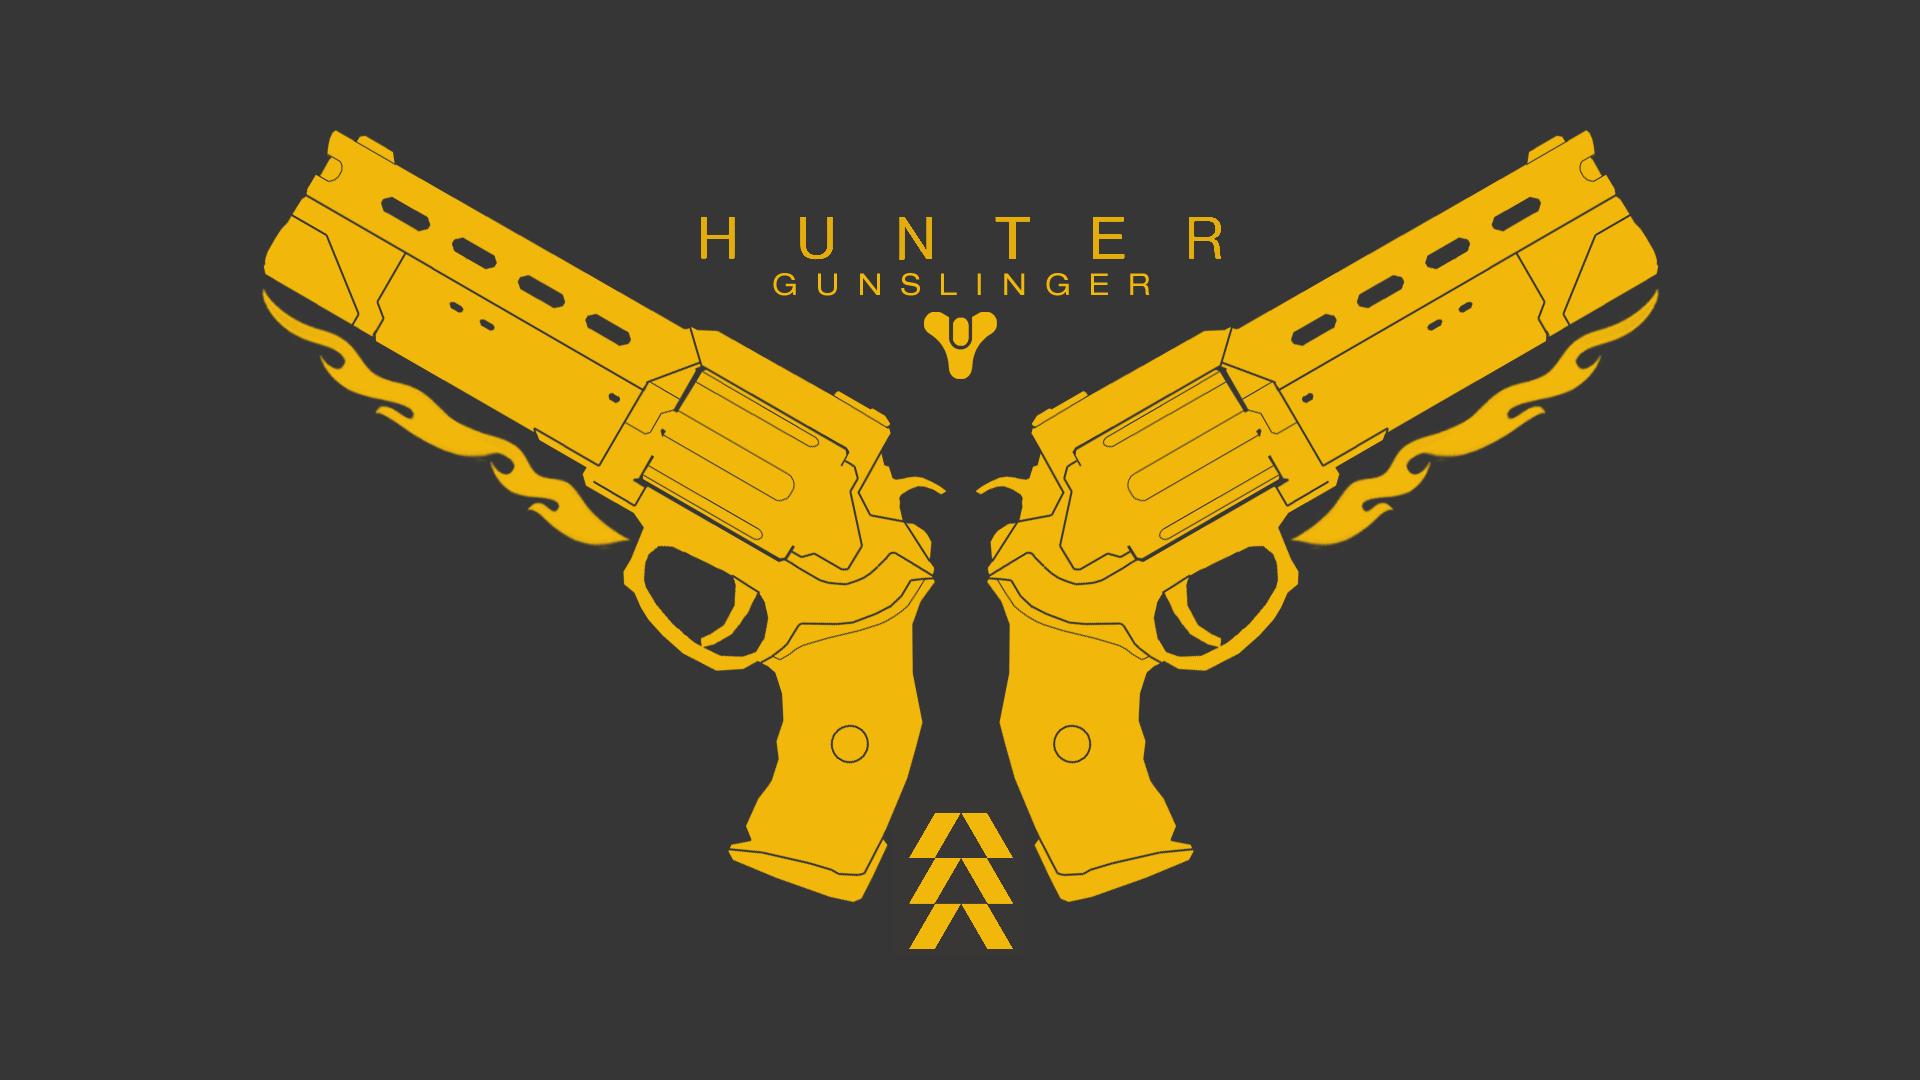 Stalker gunslinger скачать торрентом - 8463